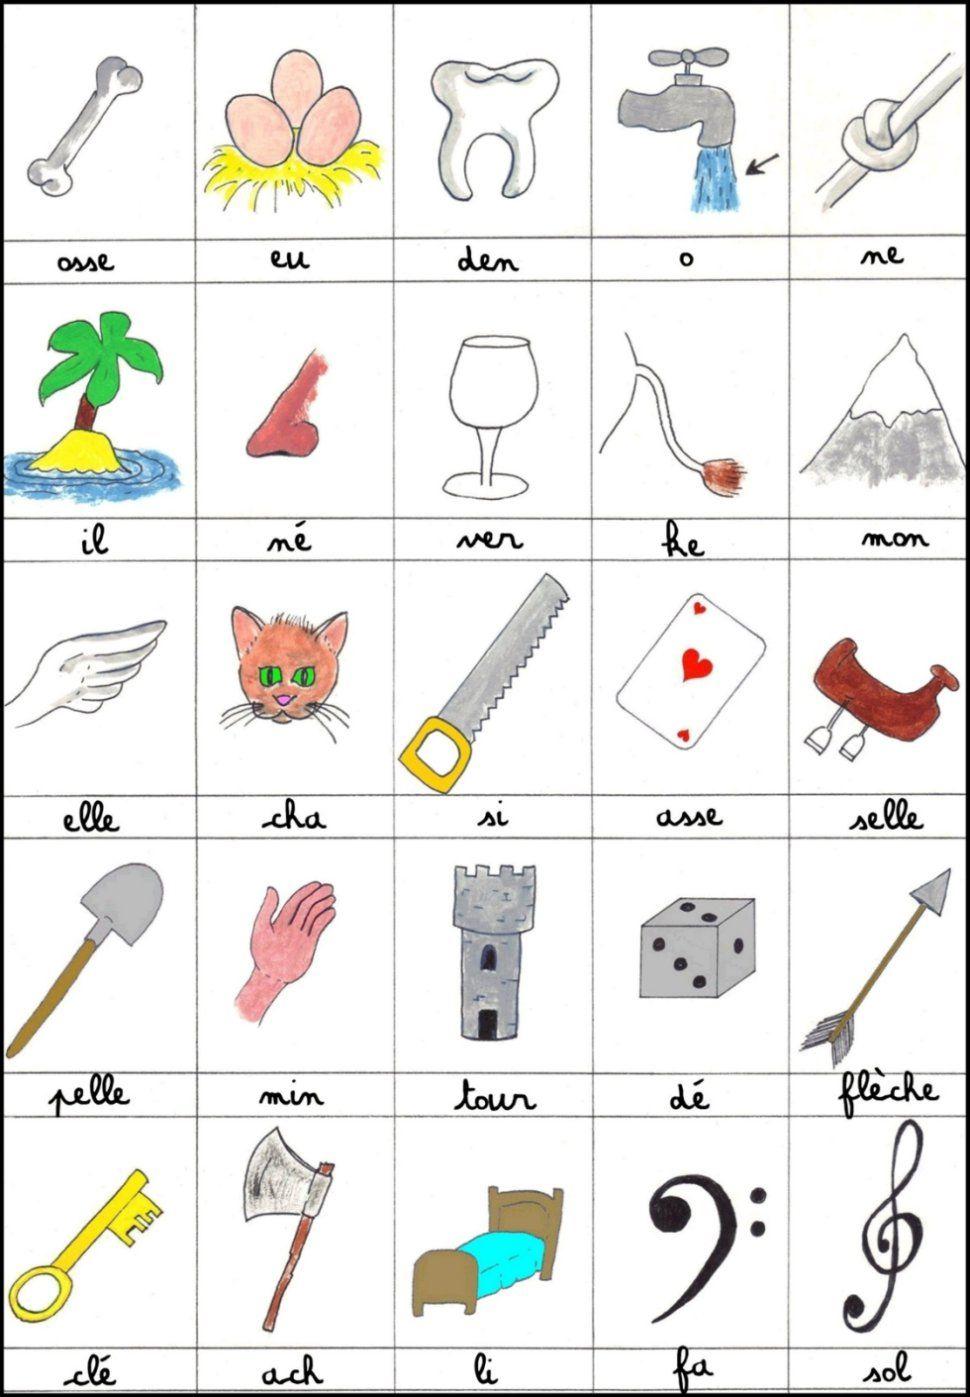 Bien connu Des idées d'énigmes pour les enfants | Éducation | Pinterest  JC74